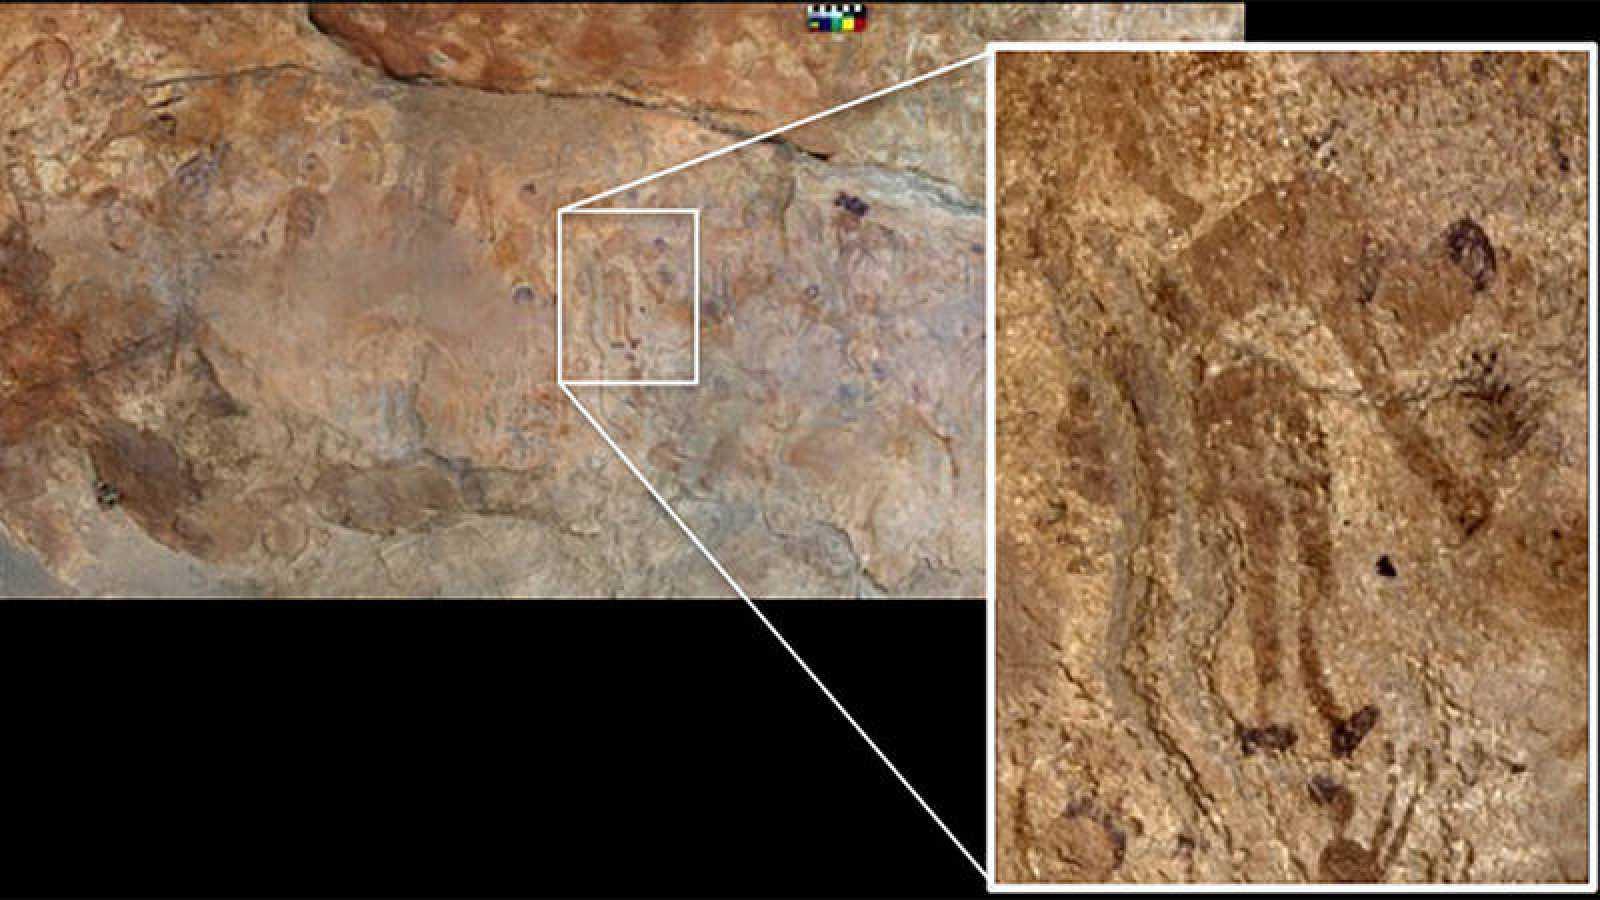 Los investigadores han analizado restos de 110 vasijas procedentes de los sitios arqueológicos de Takarkori y Uan Afuda en el Sahara libio.